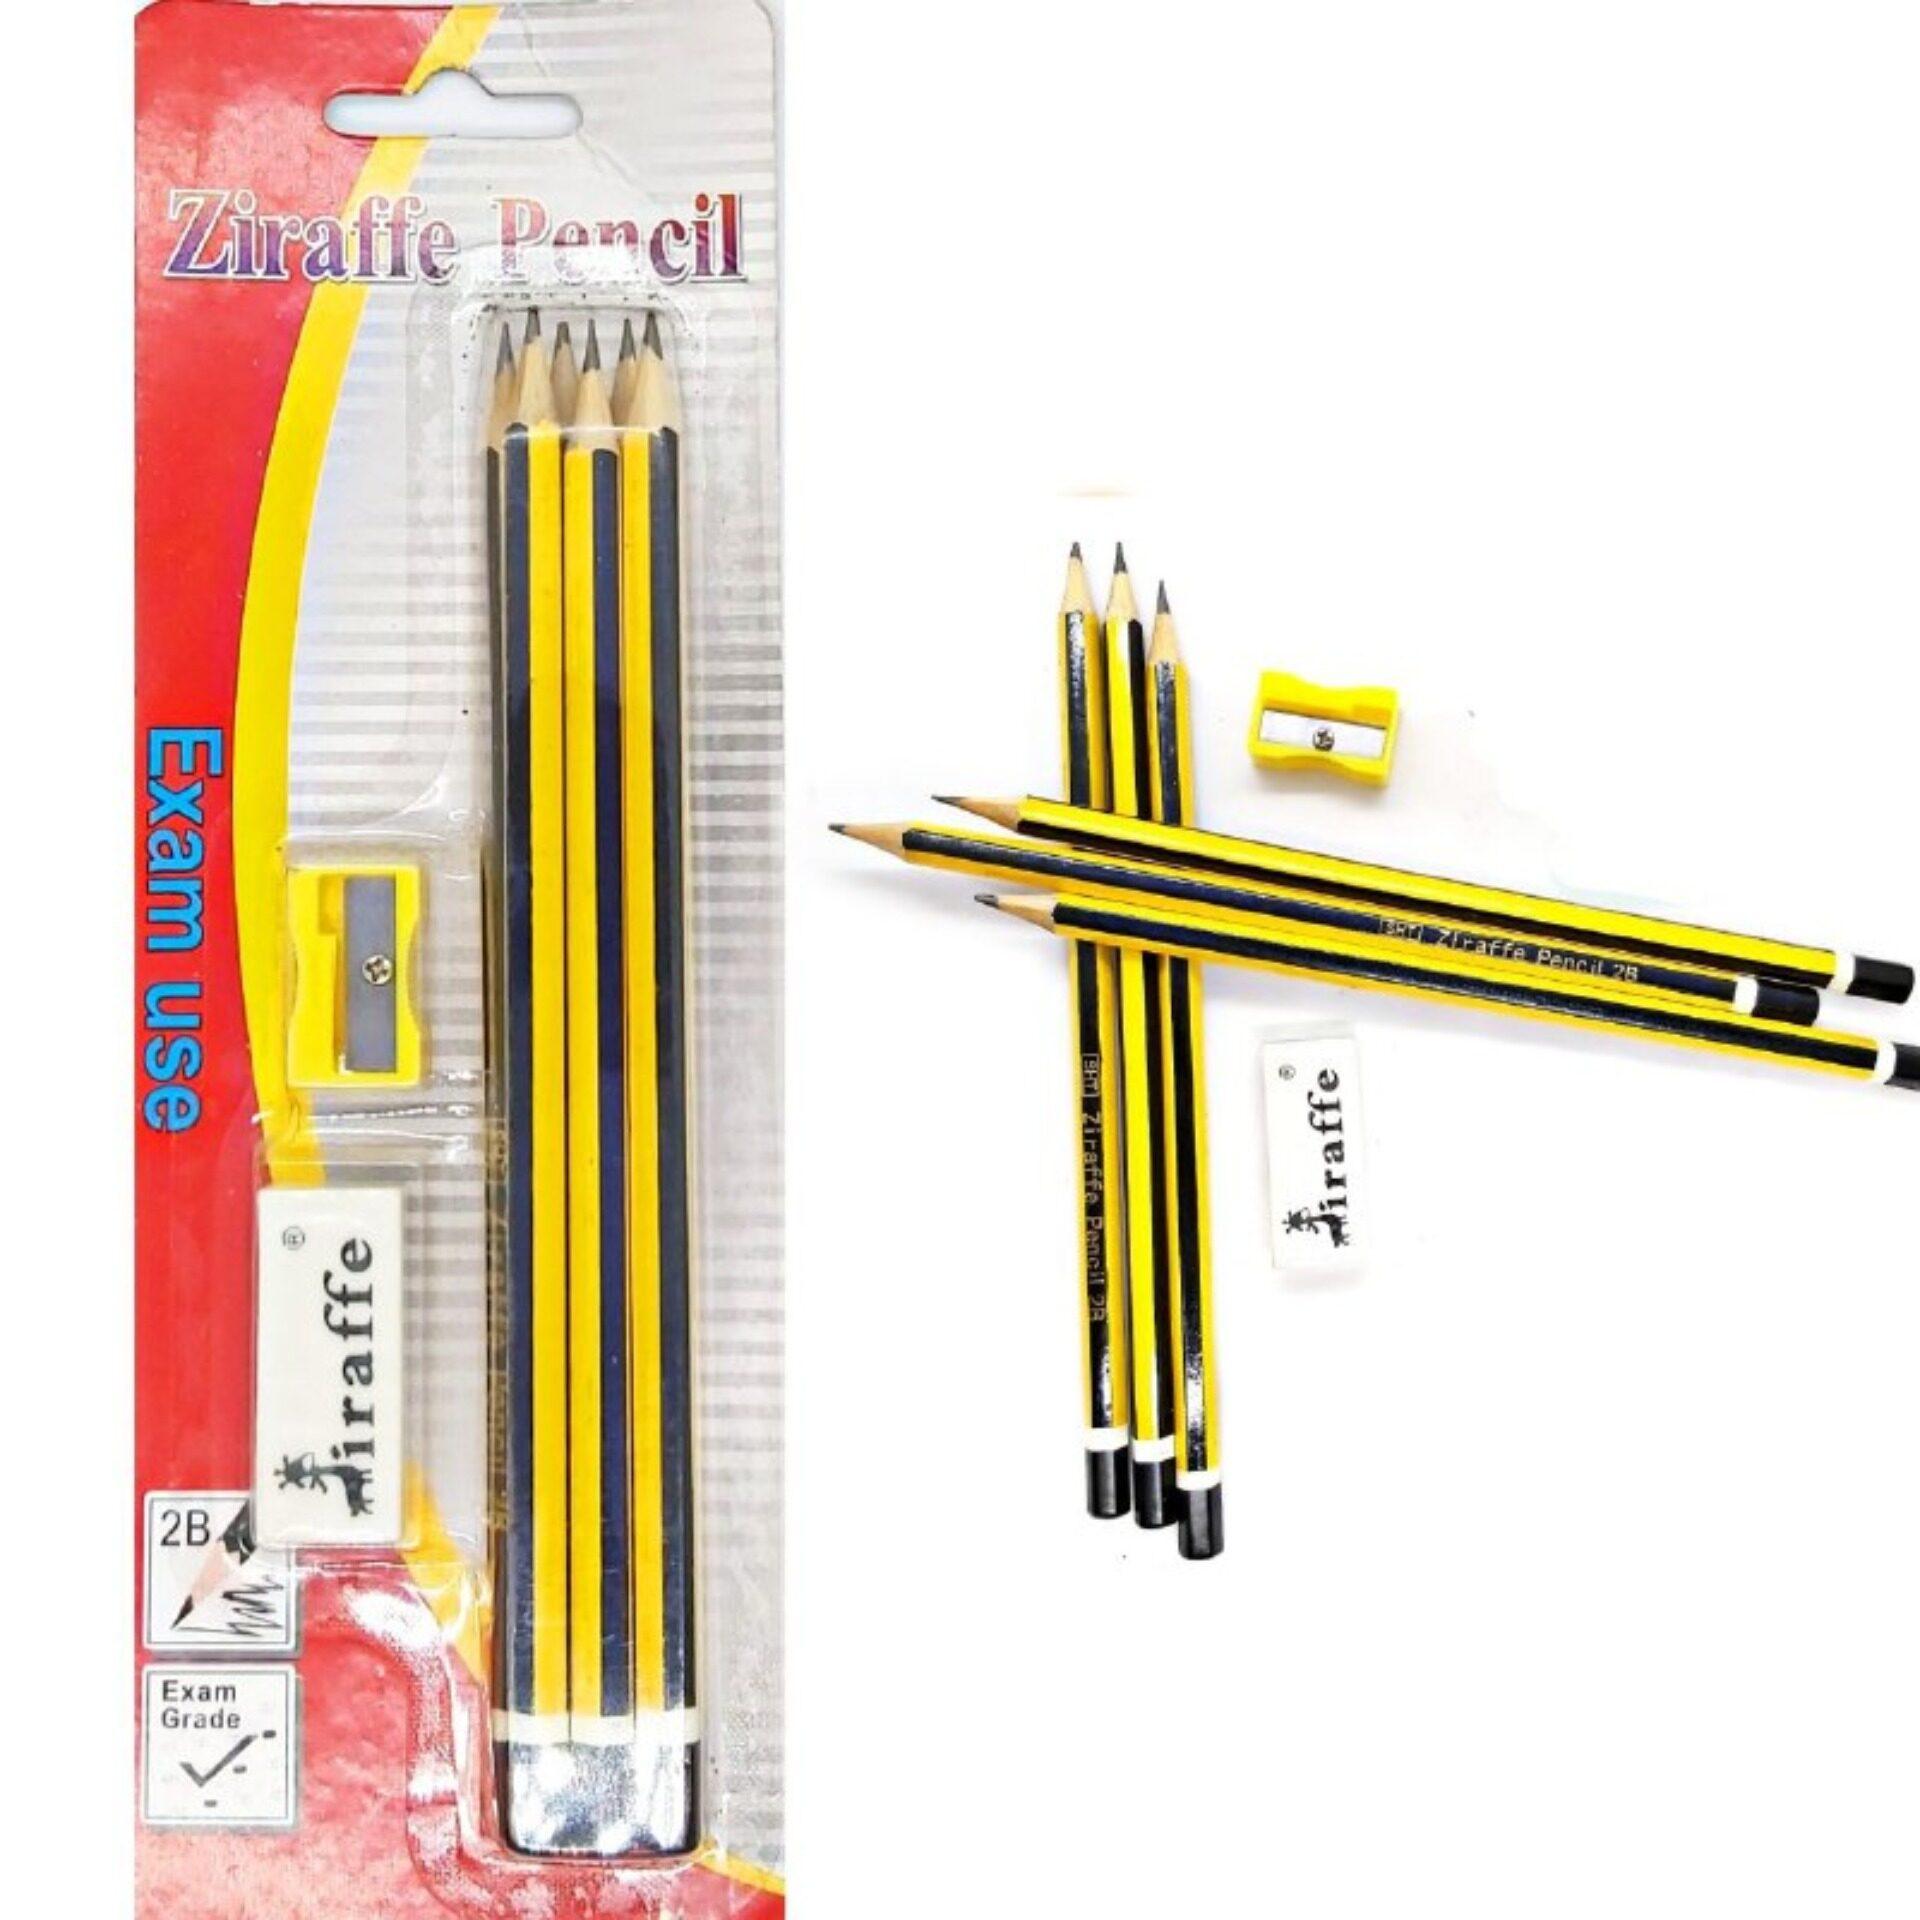 2B Pencil Set